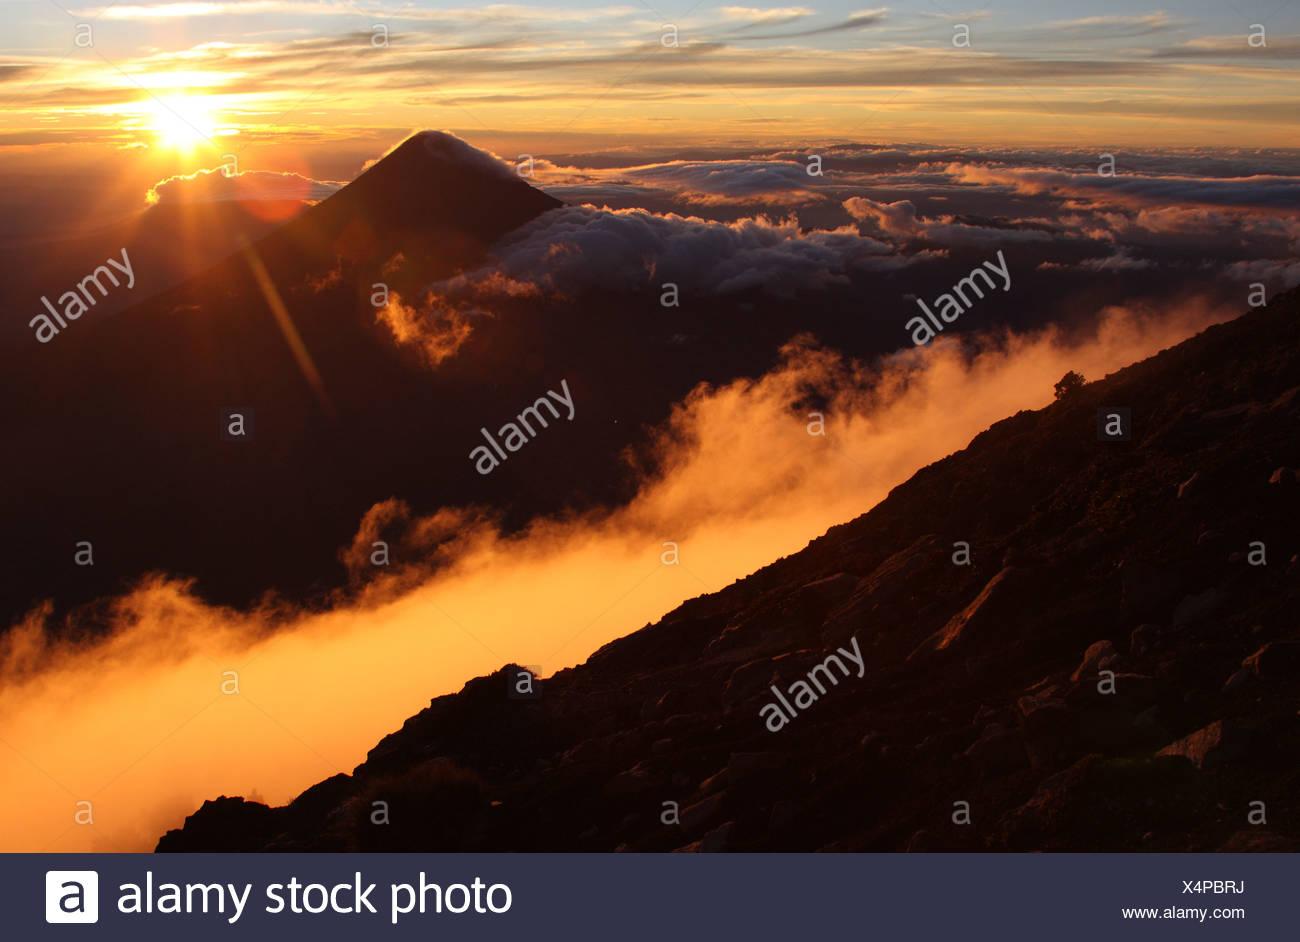 Guatemala, Acatenango volcano with sunrise - Stock Image